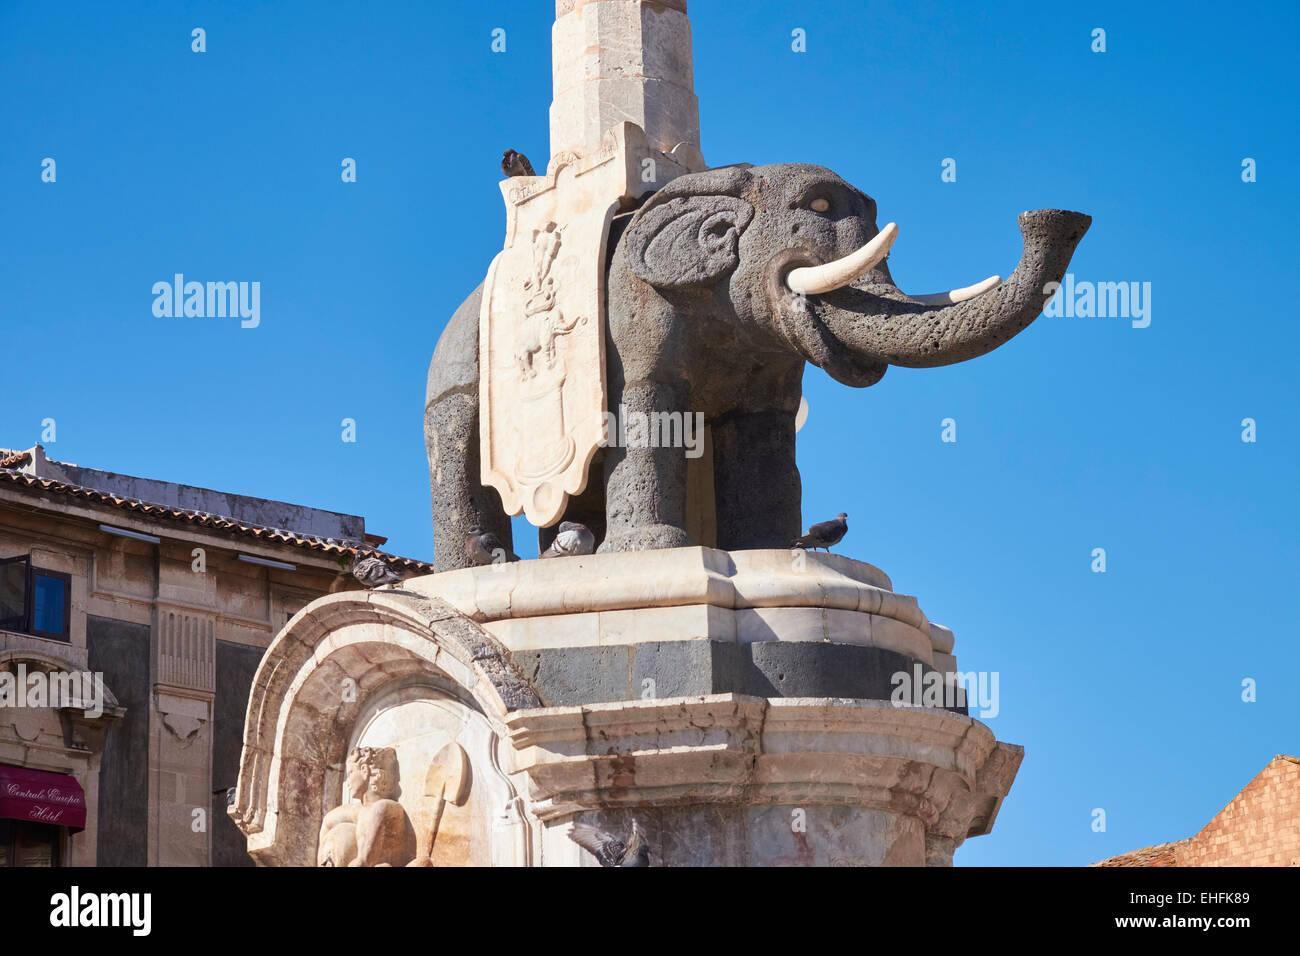 Statue von einem Lava Elefant, Piazza del Duomo, Catania, Sizilien, Italien. Stockbild